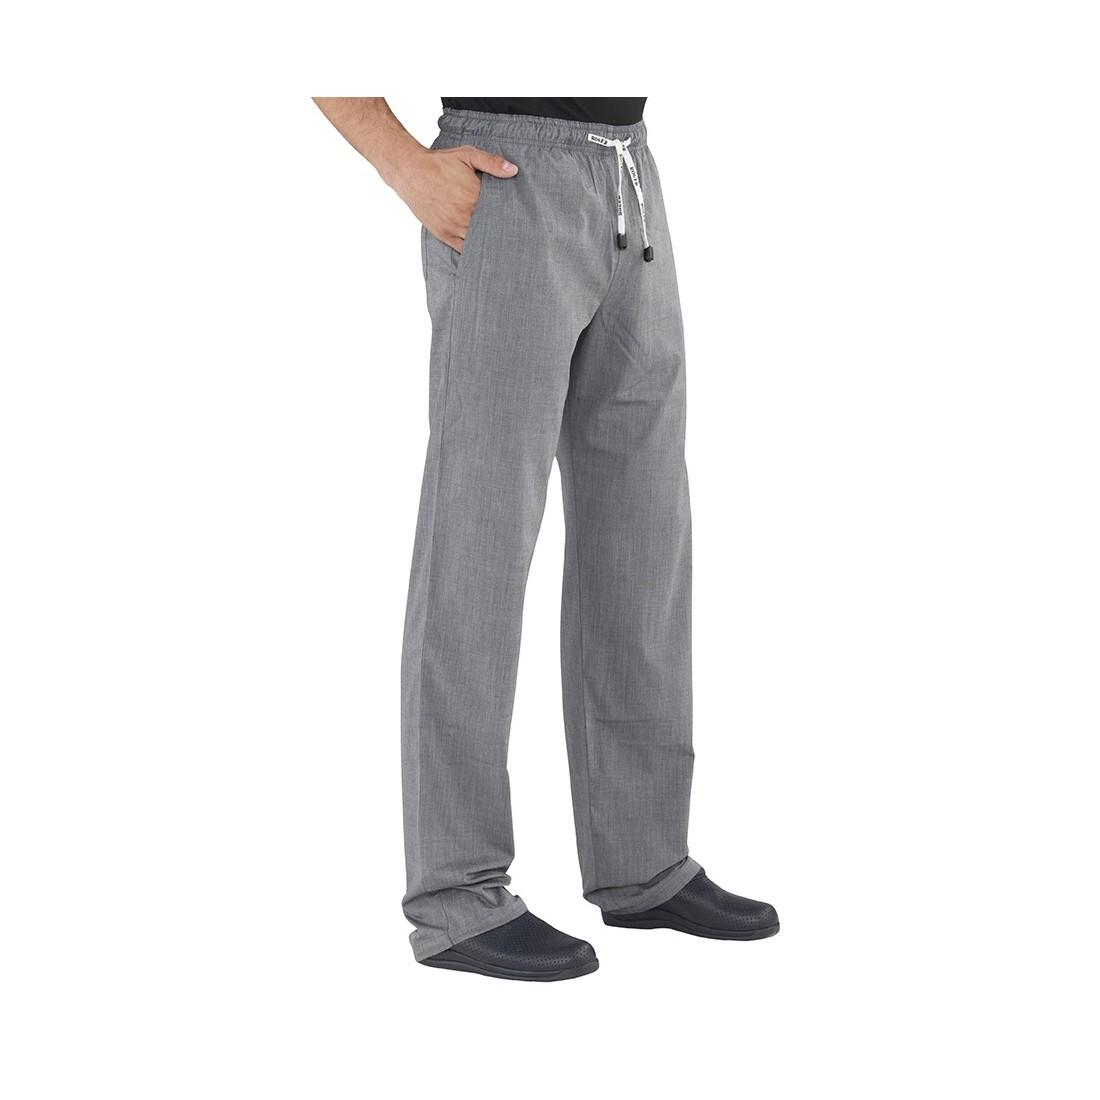 Pantalón con goma fil a fil